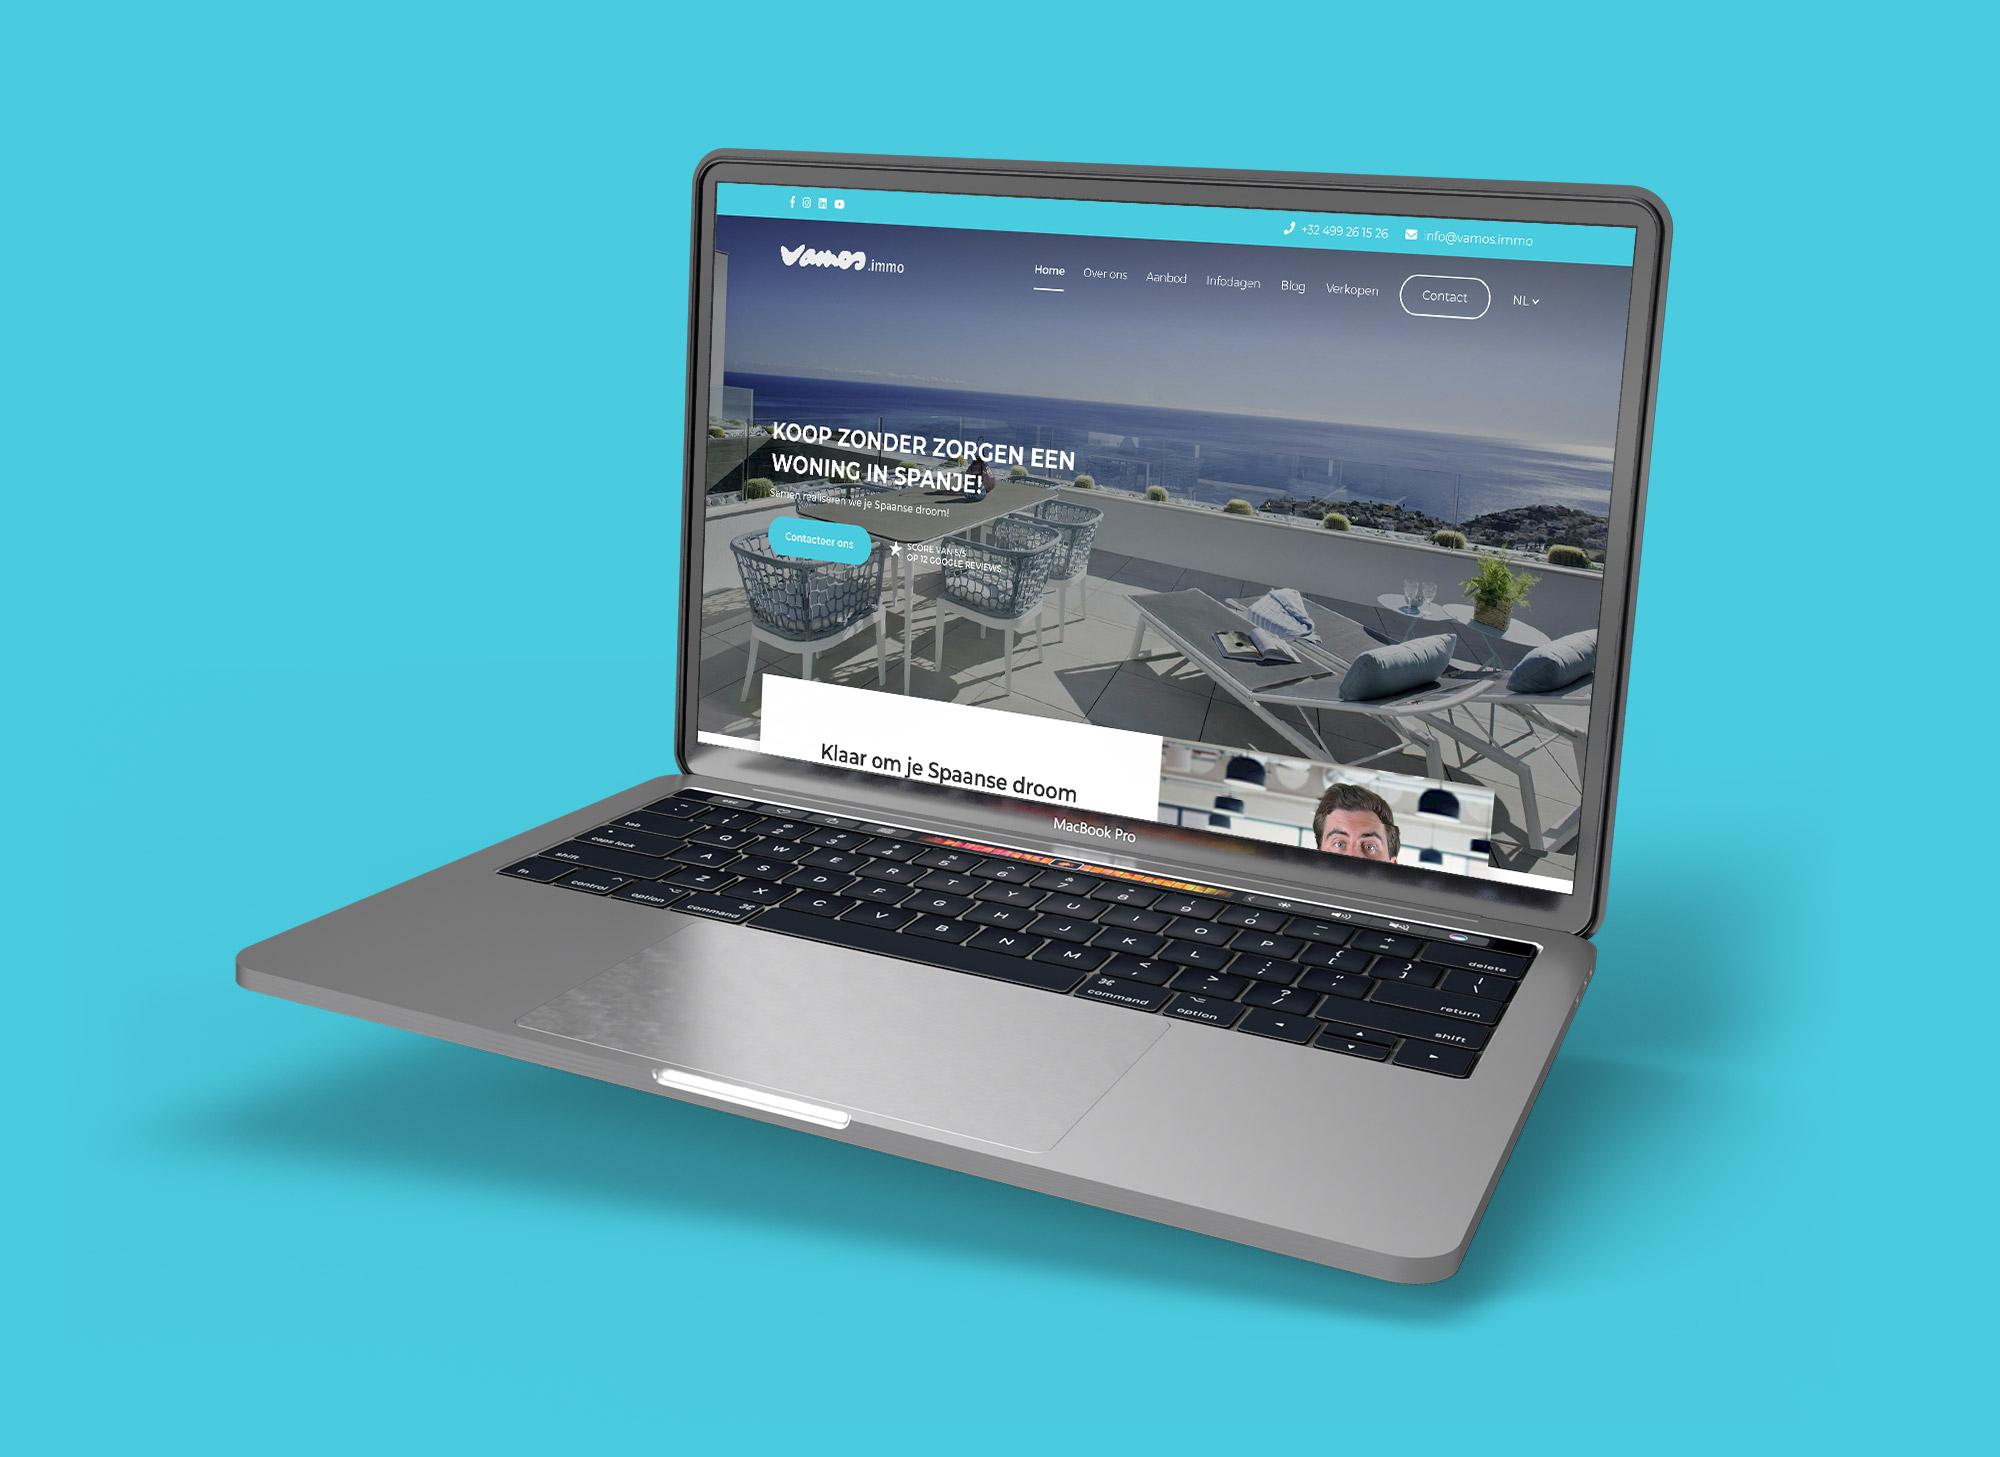 Webdesign en webdevelopment voor website Vamos.immo uit Spanje / TIelt door Eagl